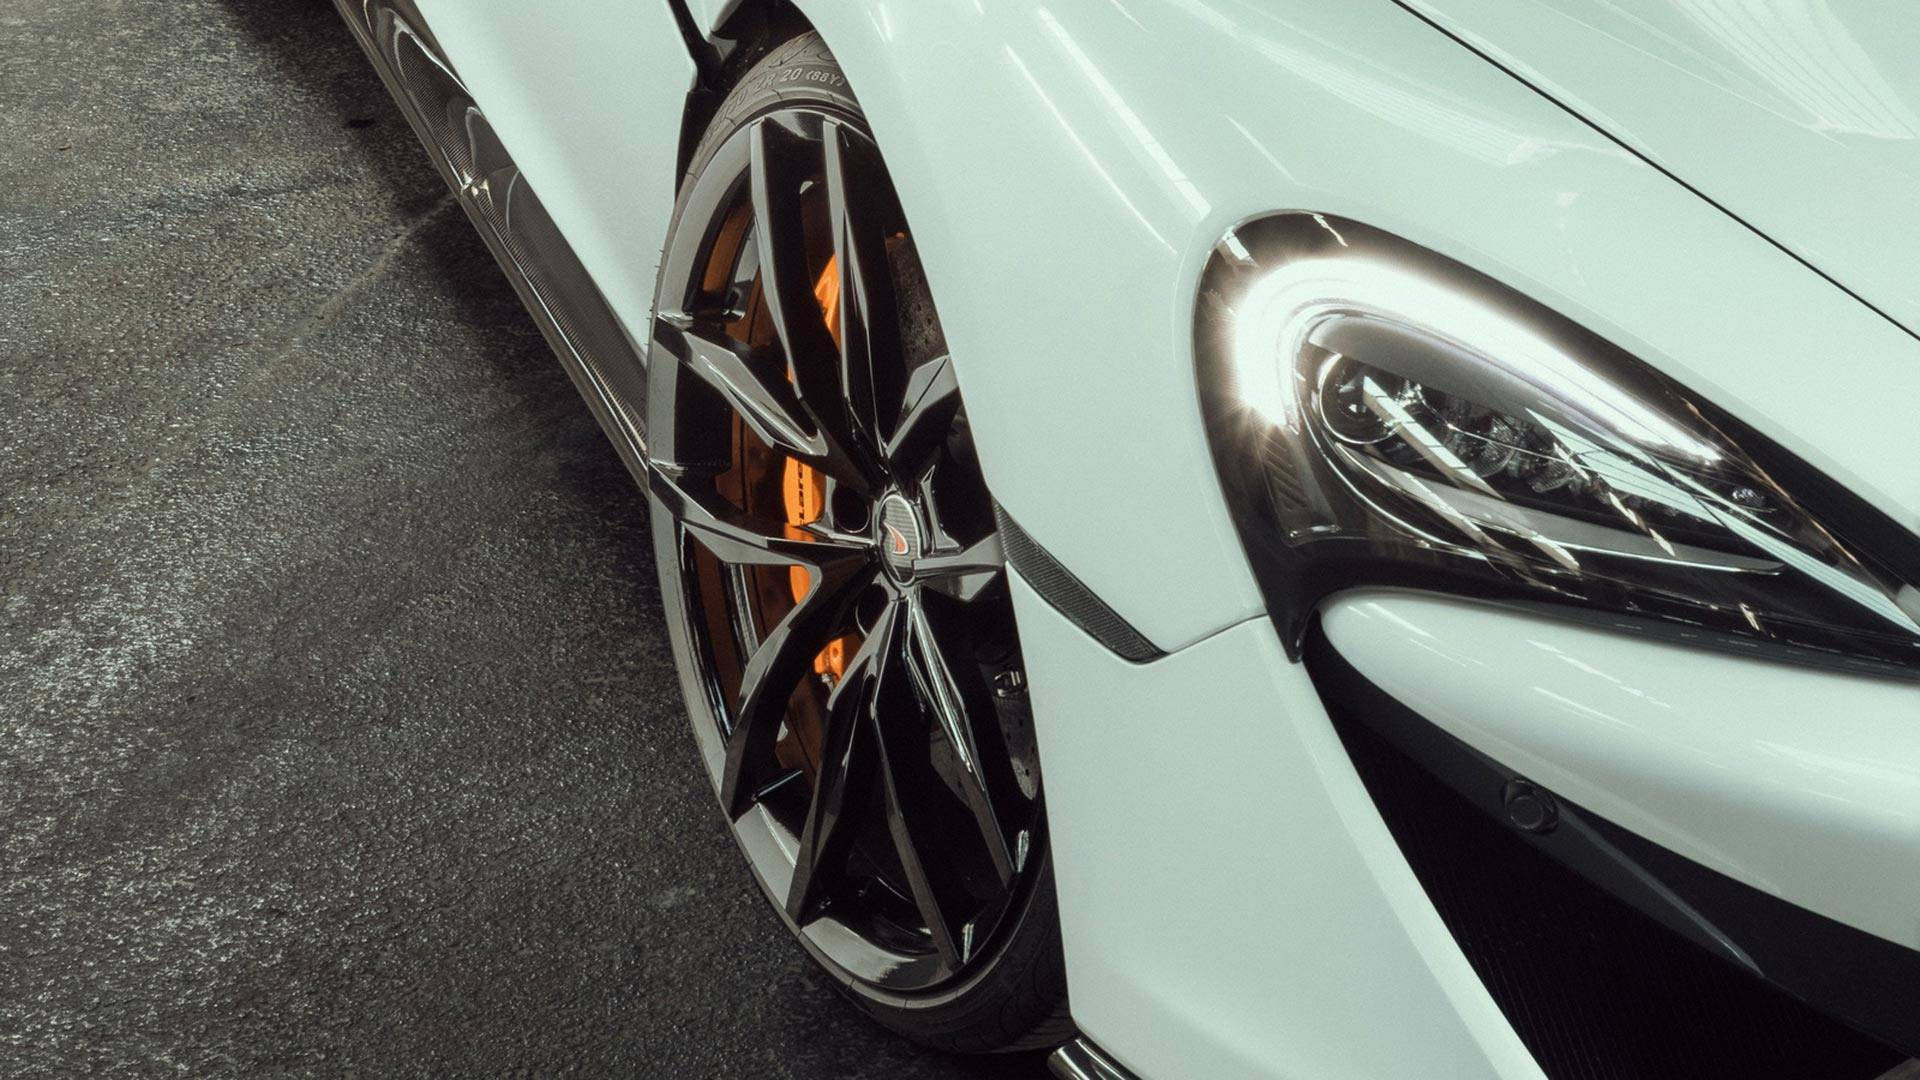 2018 NOVITEC McLaren 570S Spider Headlight Wallpapers (12)